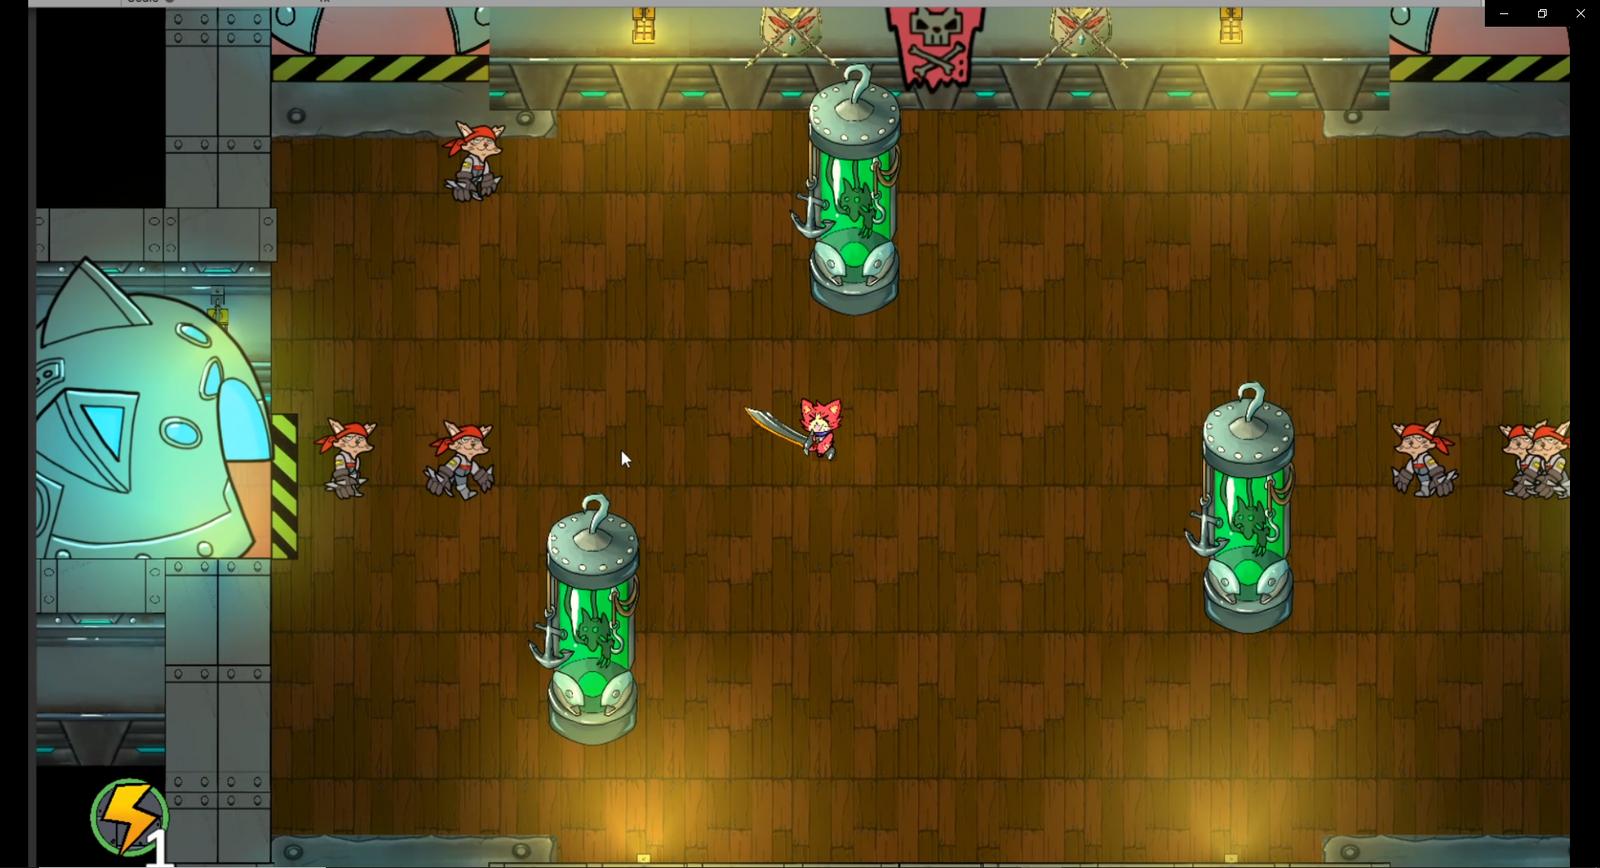 Cat Space Pirate - Screenshot 04